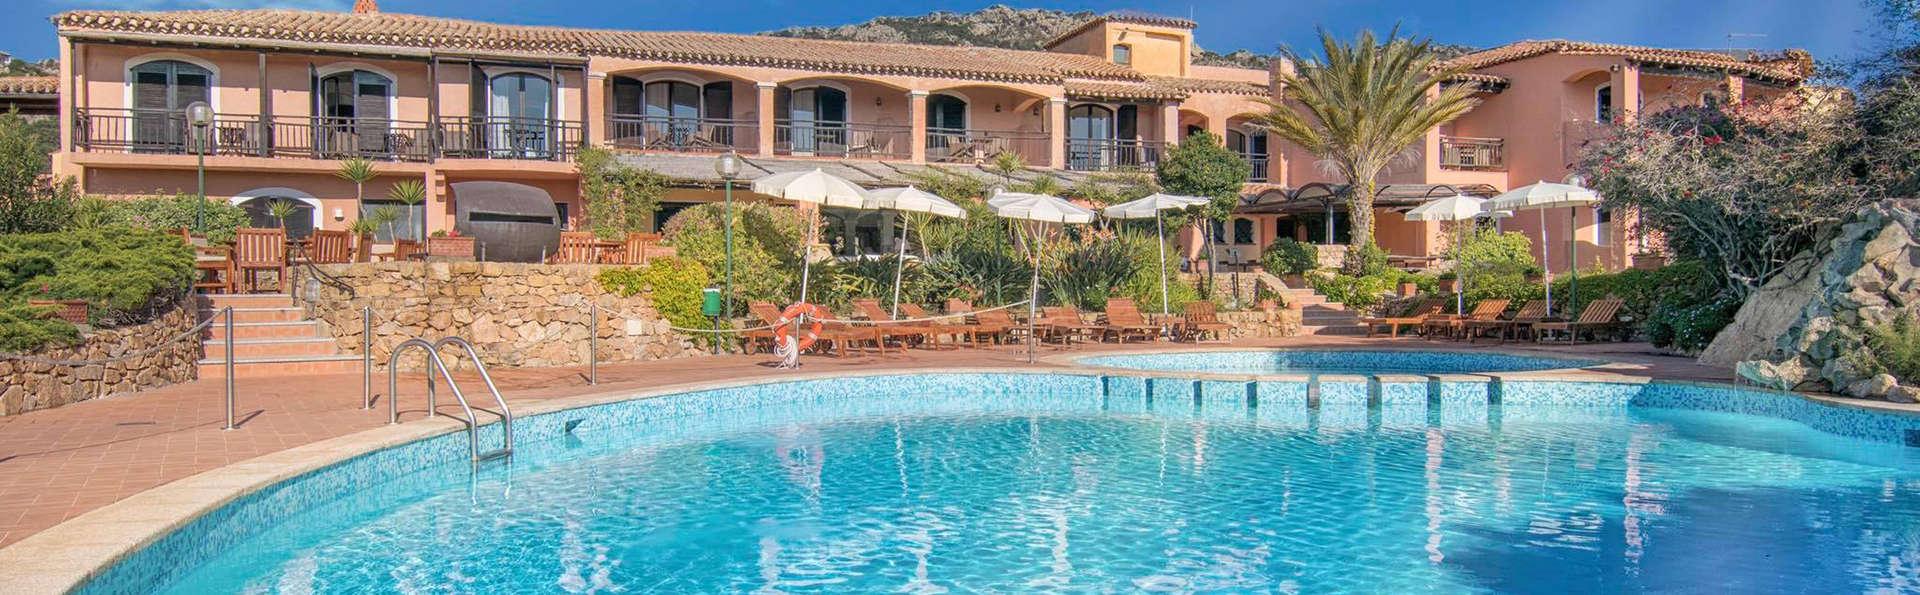 Économisez sur les longs séjours à Porto Cervo dans un bel hôtel en Sardaigne (à partir de 2 nuits)